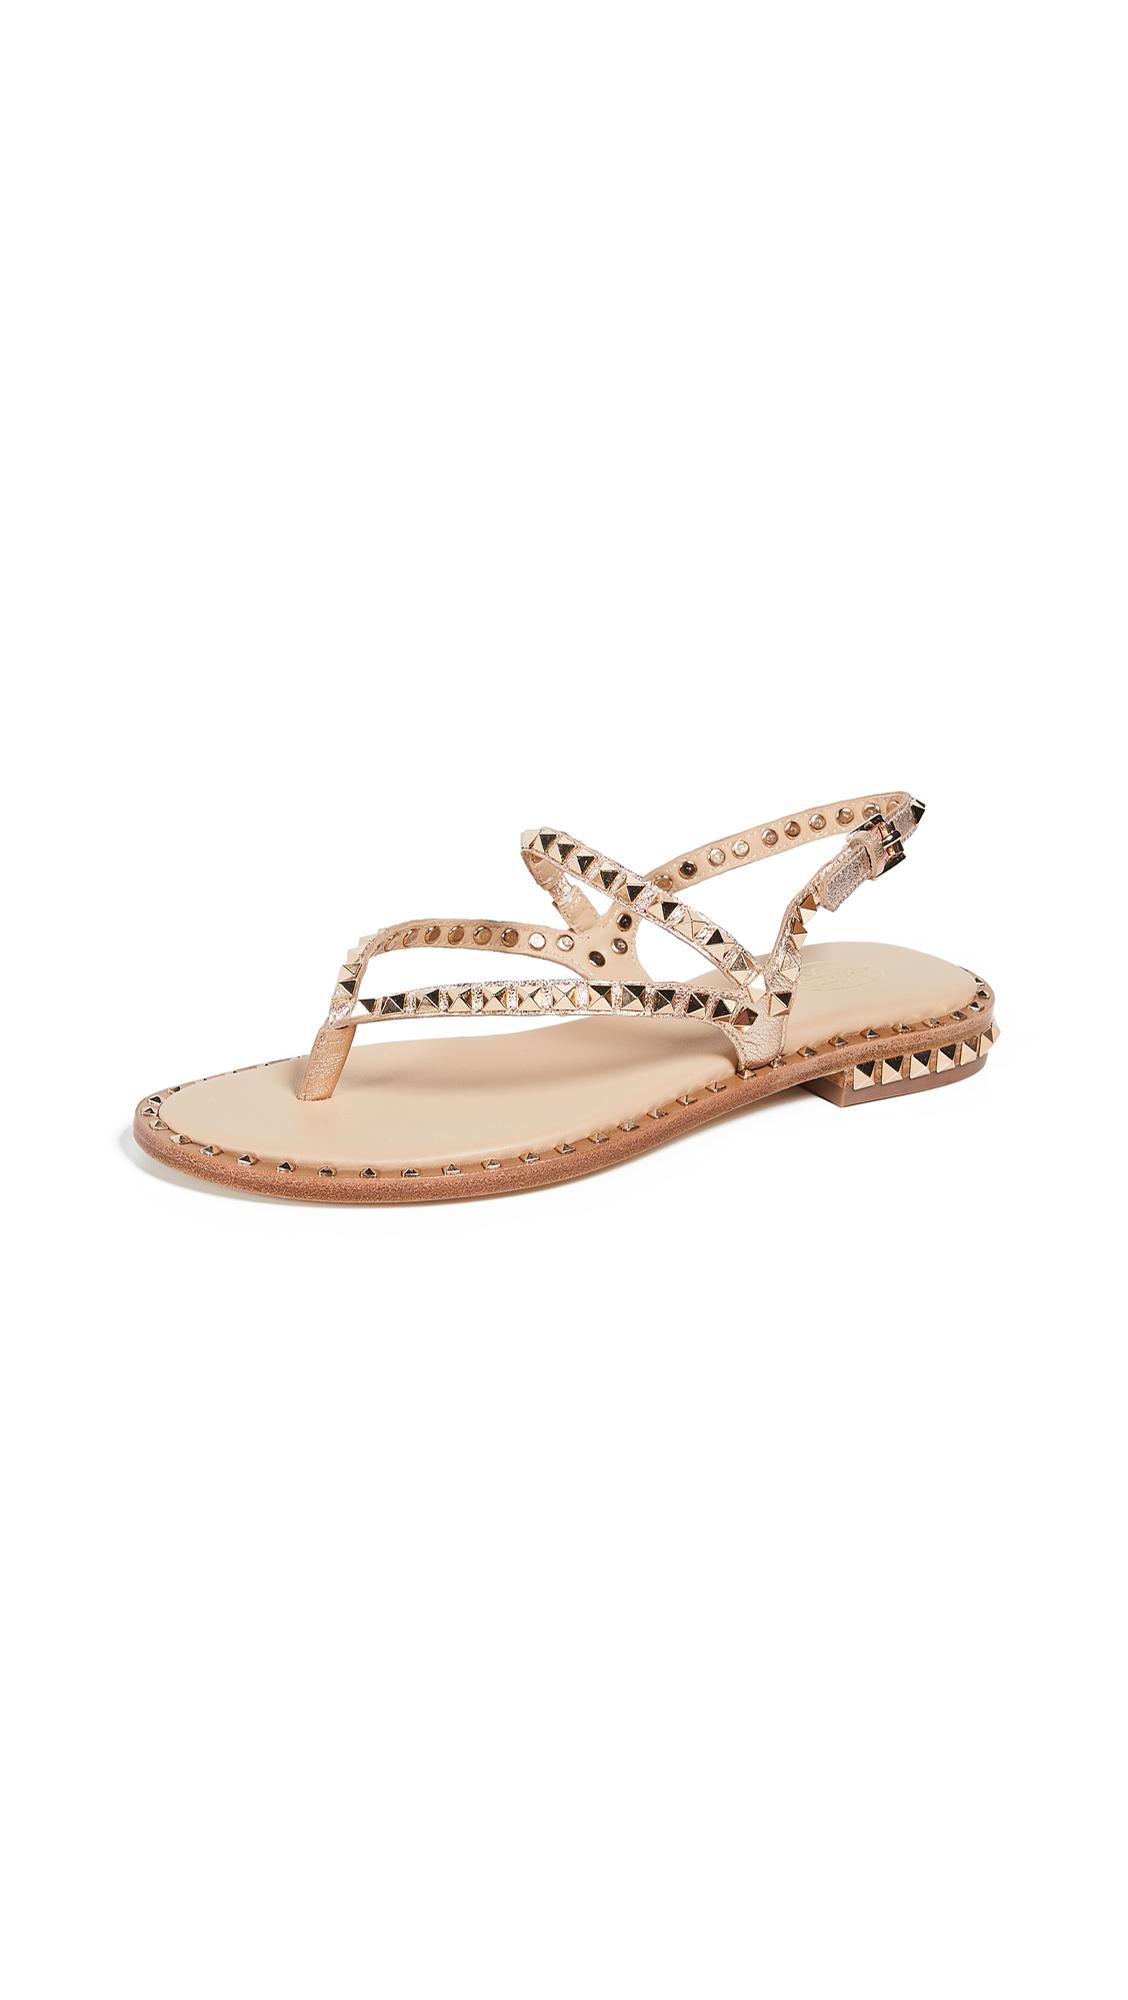 Ash Peps Thong Sandals - Metal Rame